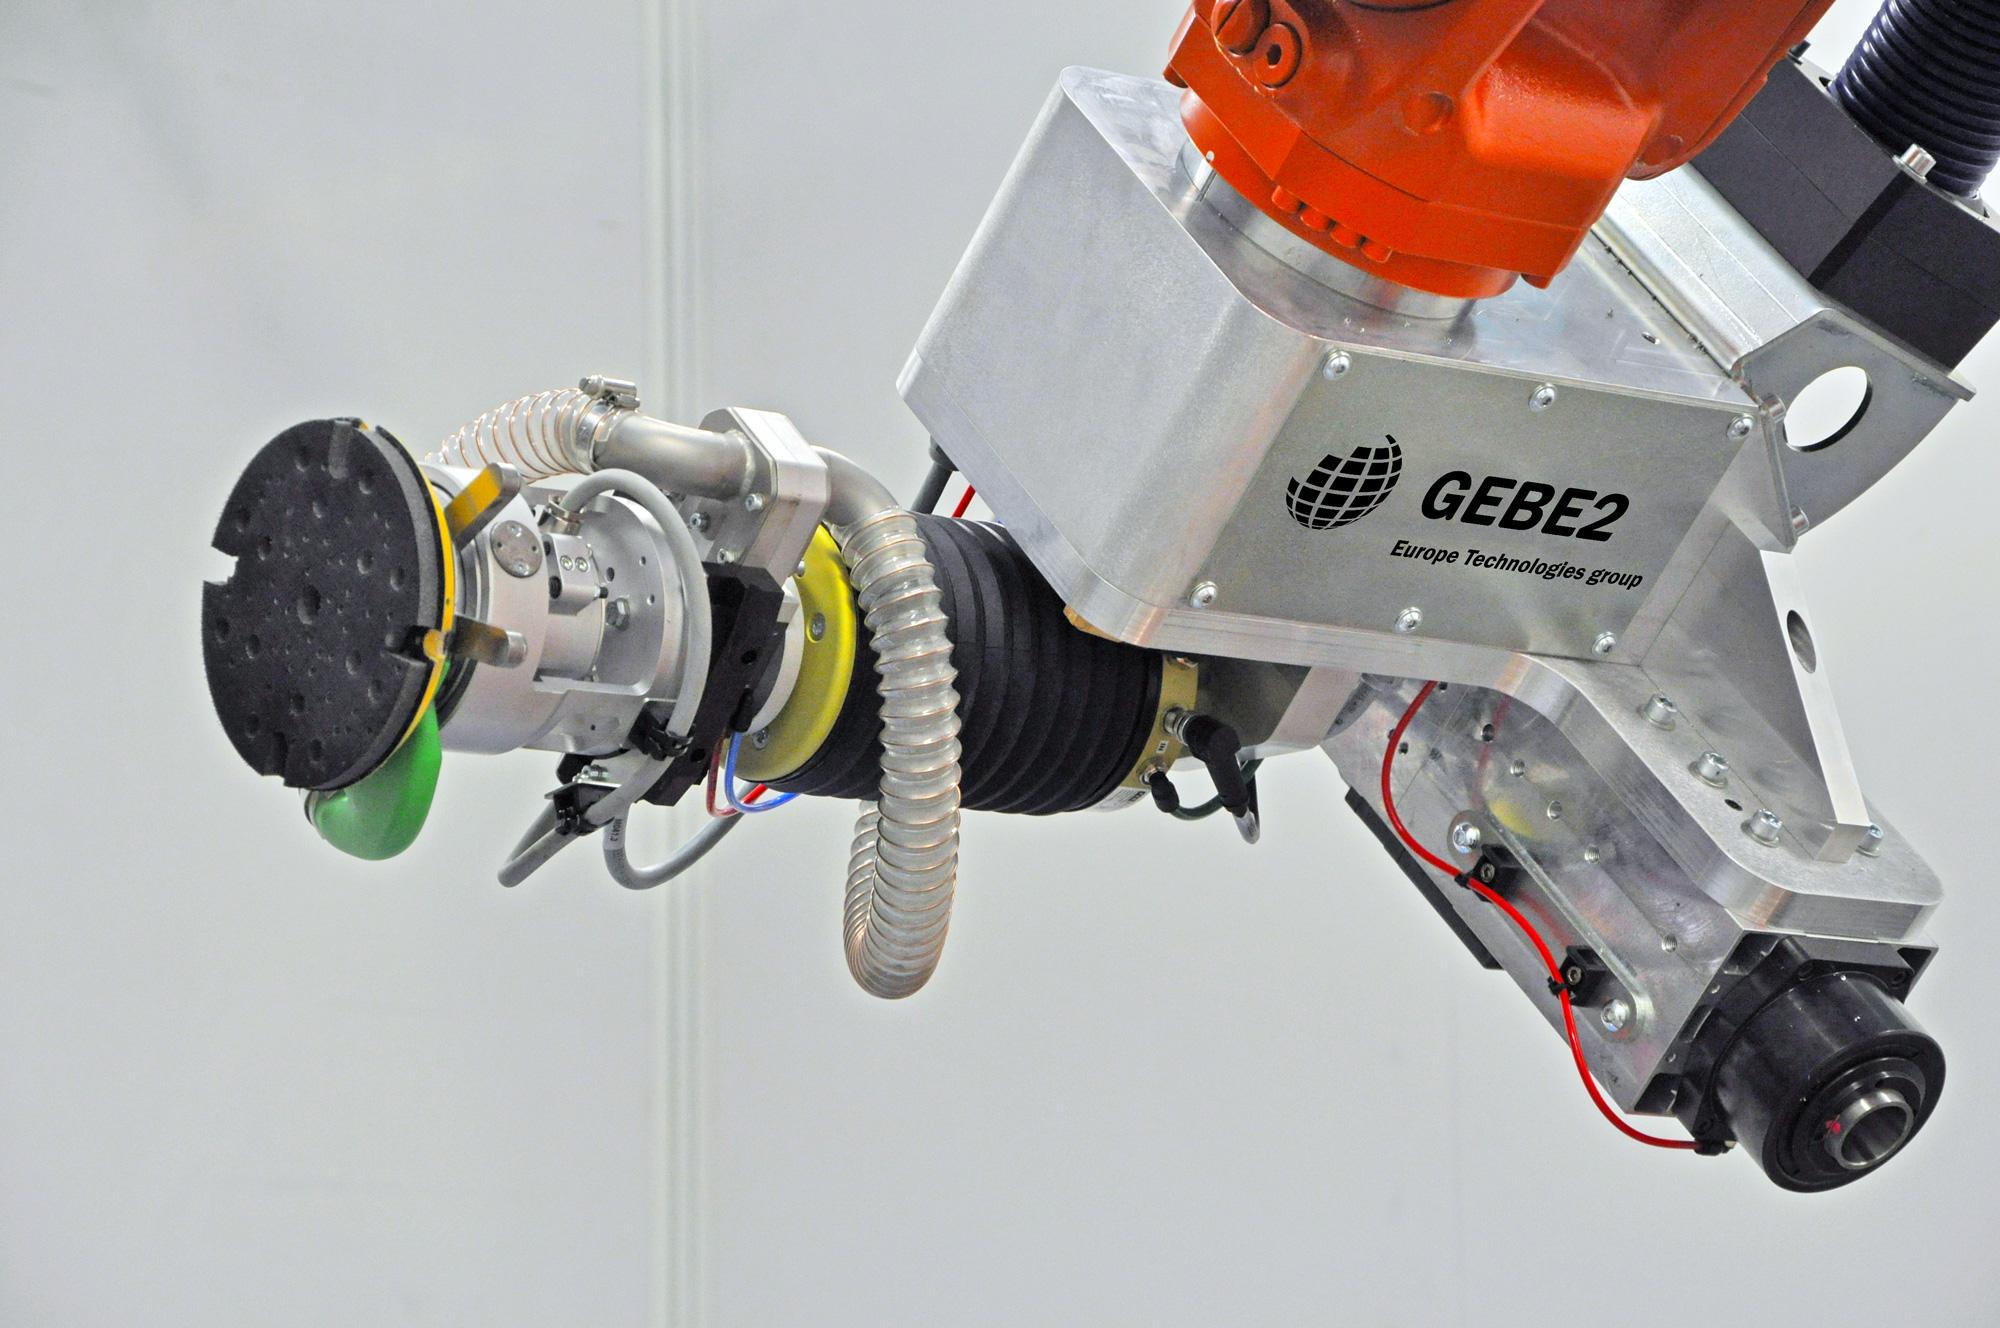 Effecteur robot ponçage GEBE2